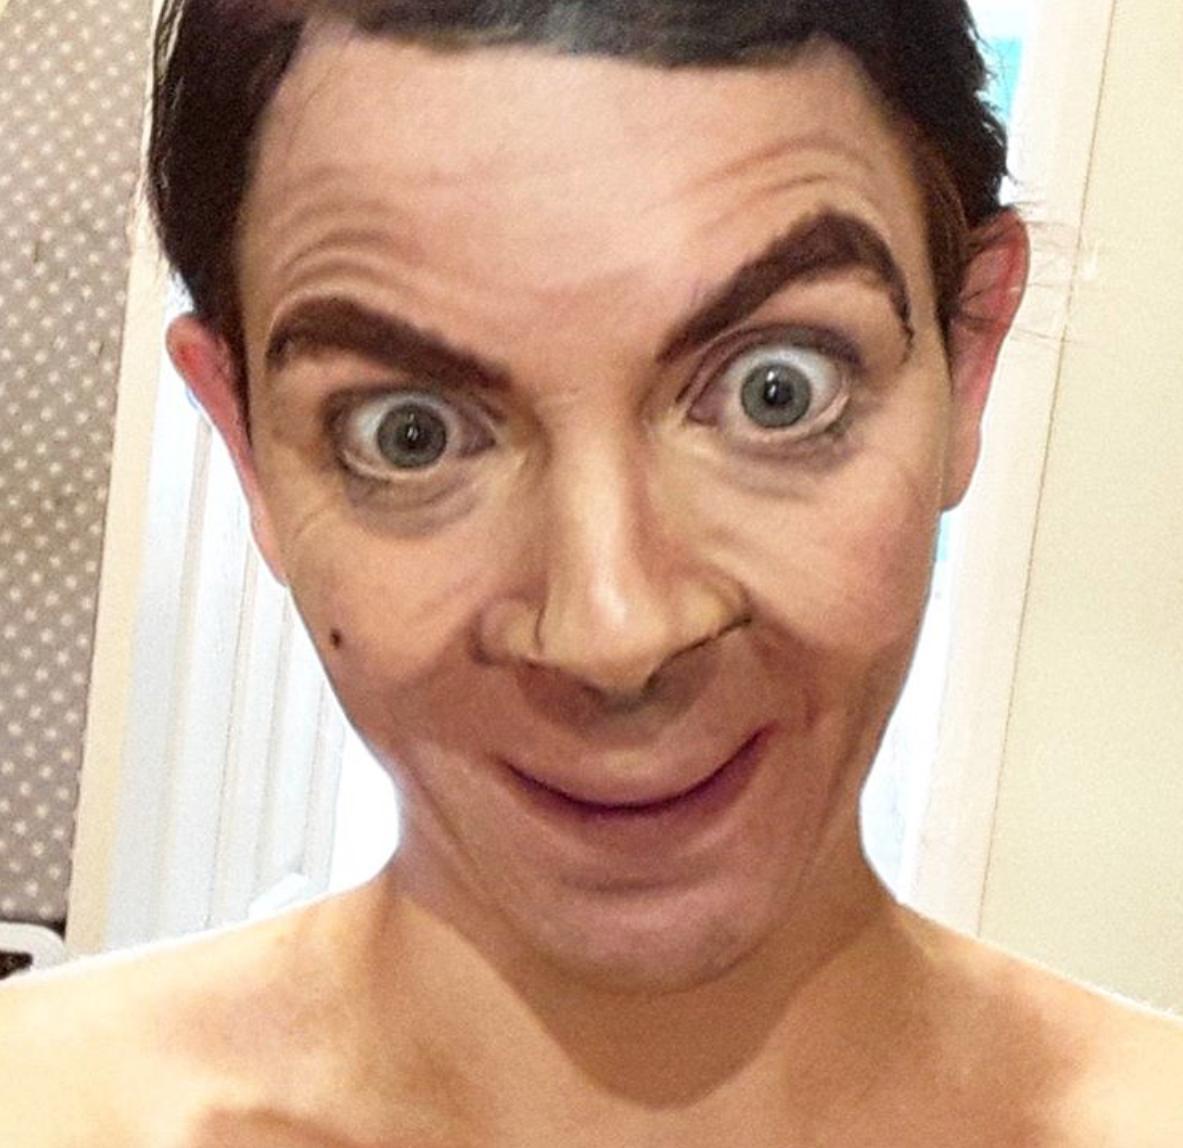 Samantha Staines Mr Bean